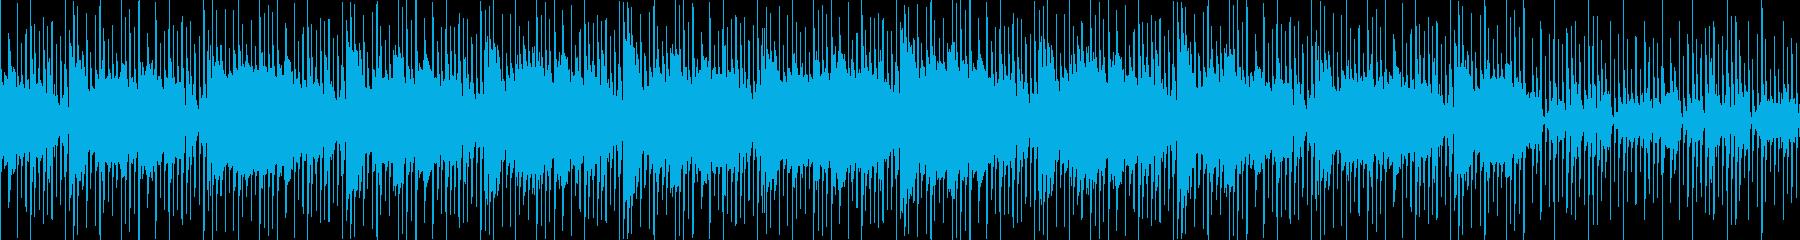 ディープなメロにアブストラクトなサウンドの再生済みの波形